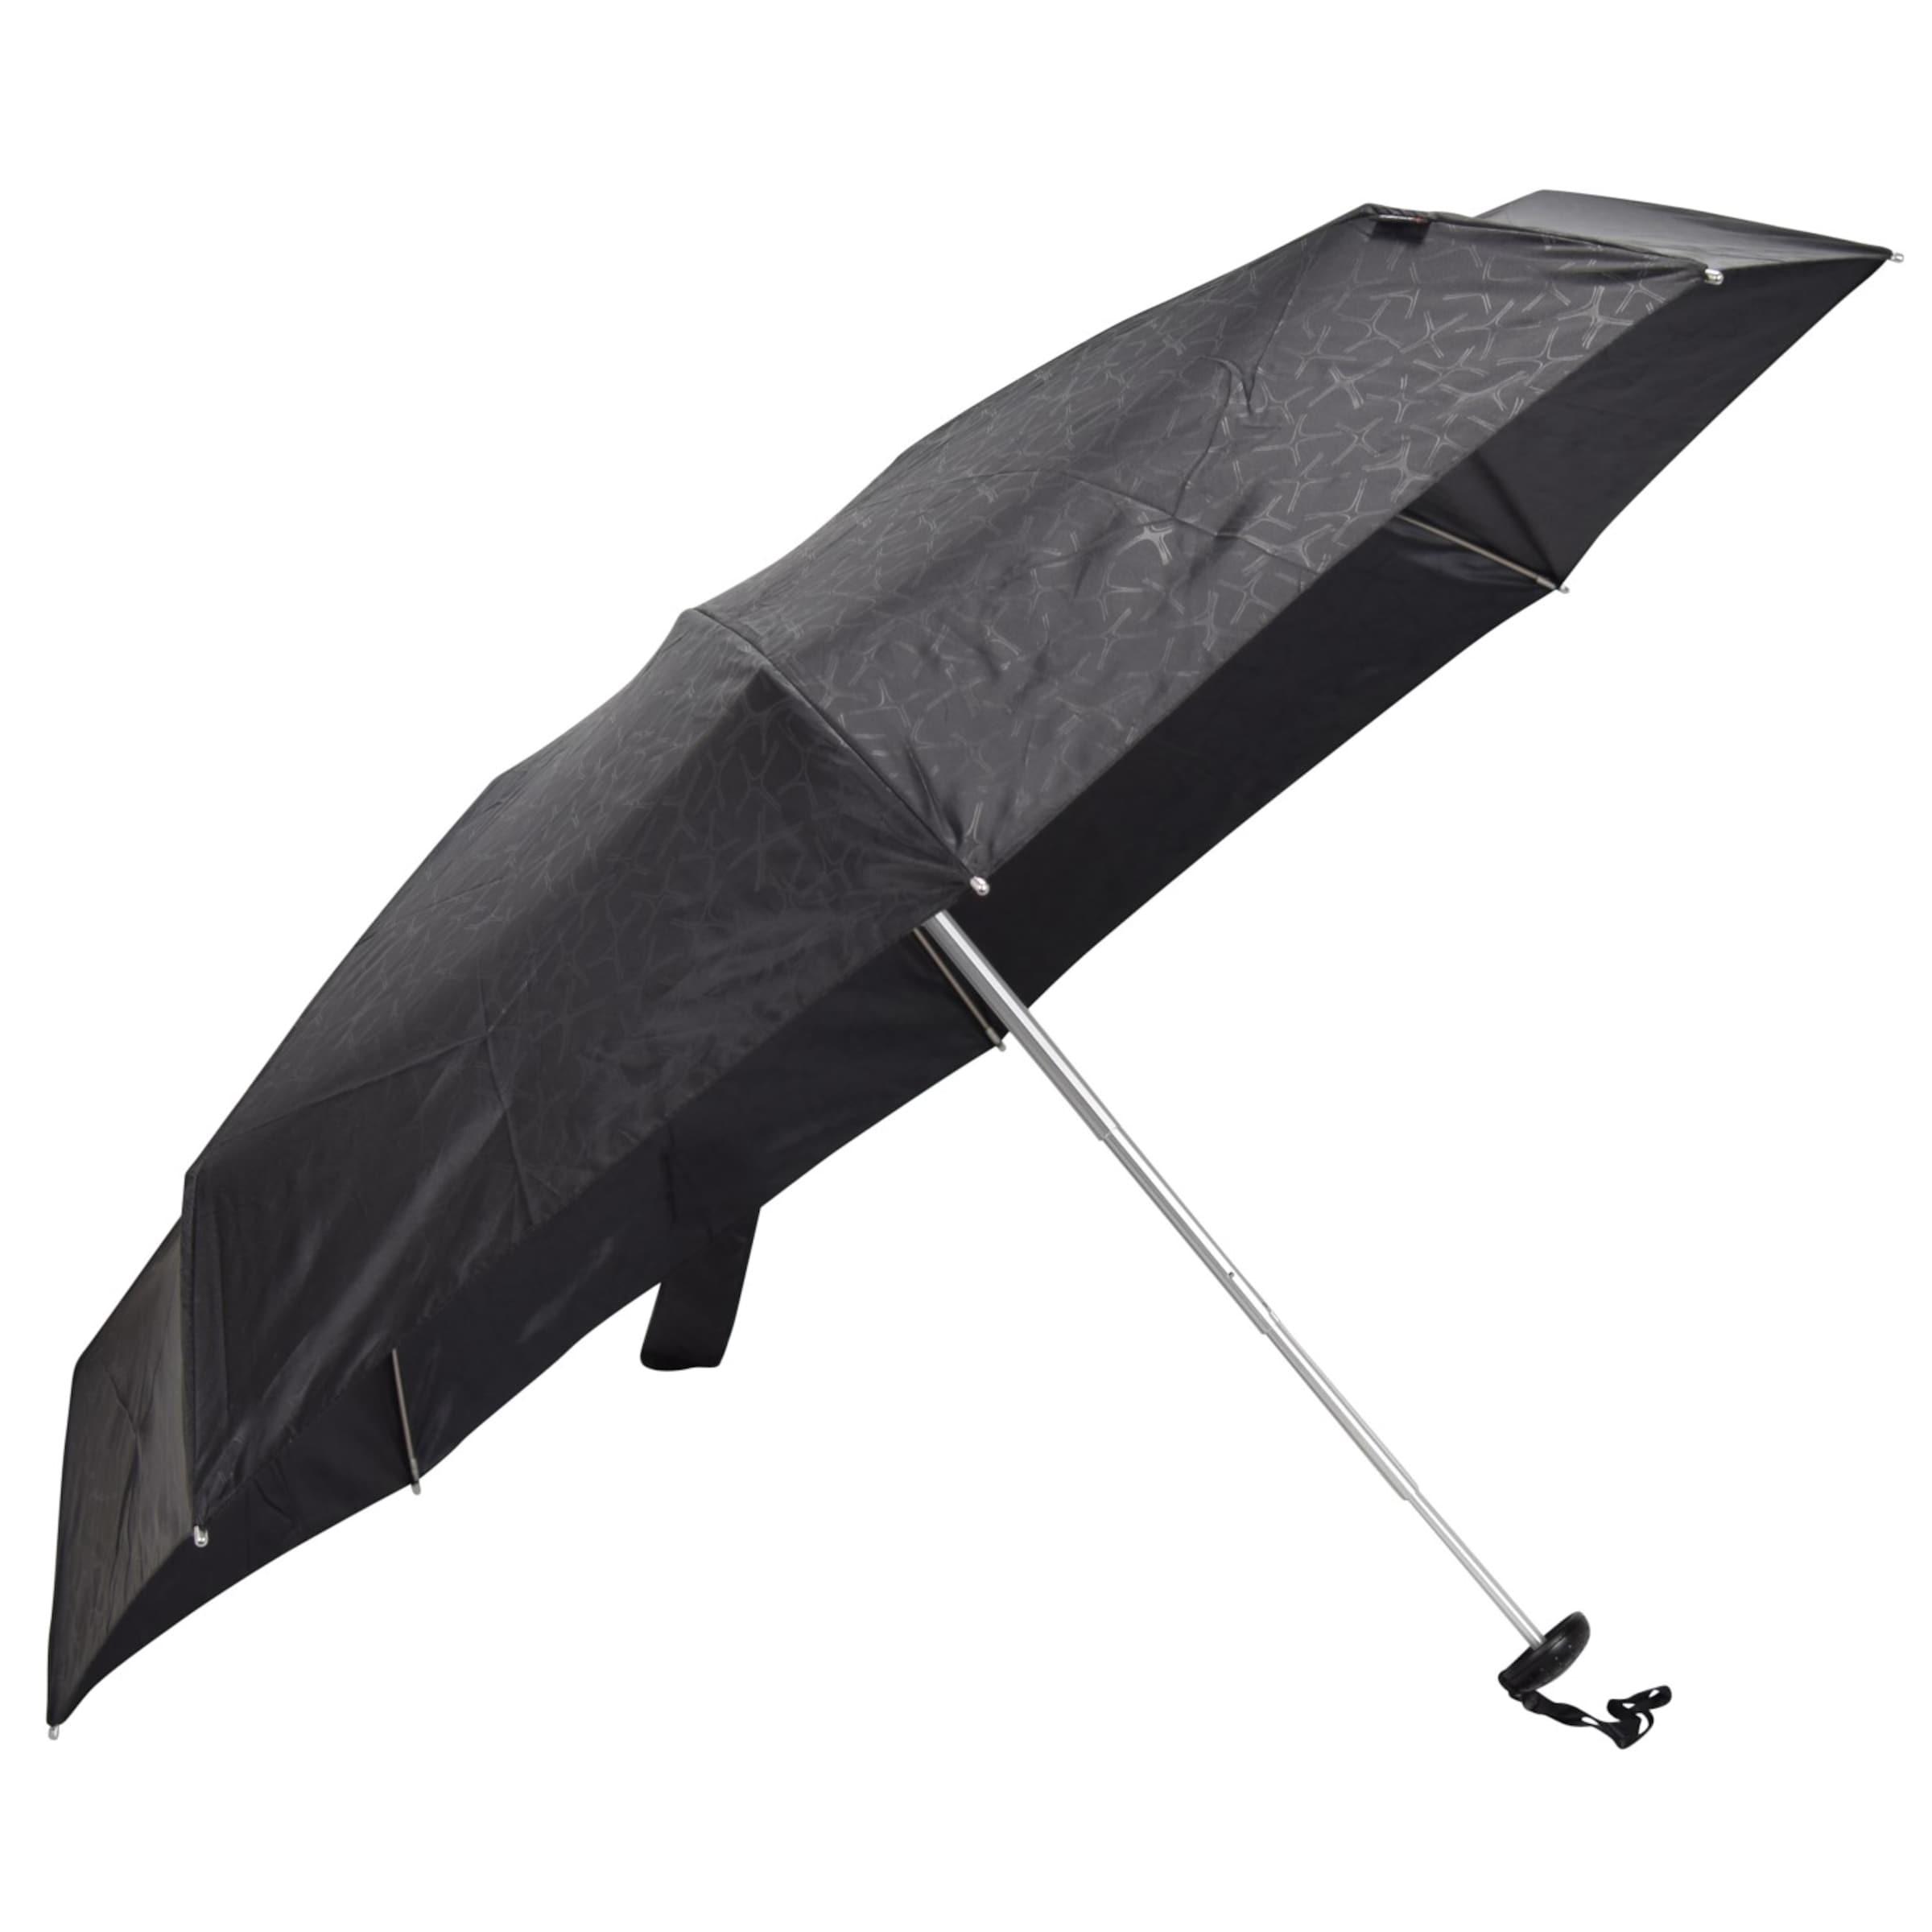 X1' Gris Knirps Foncé 'manual En Parapluie yf7vb6Yg